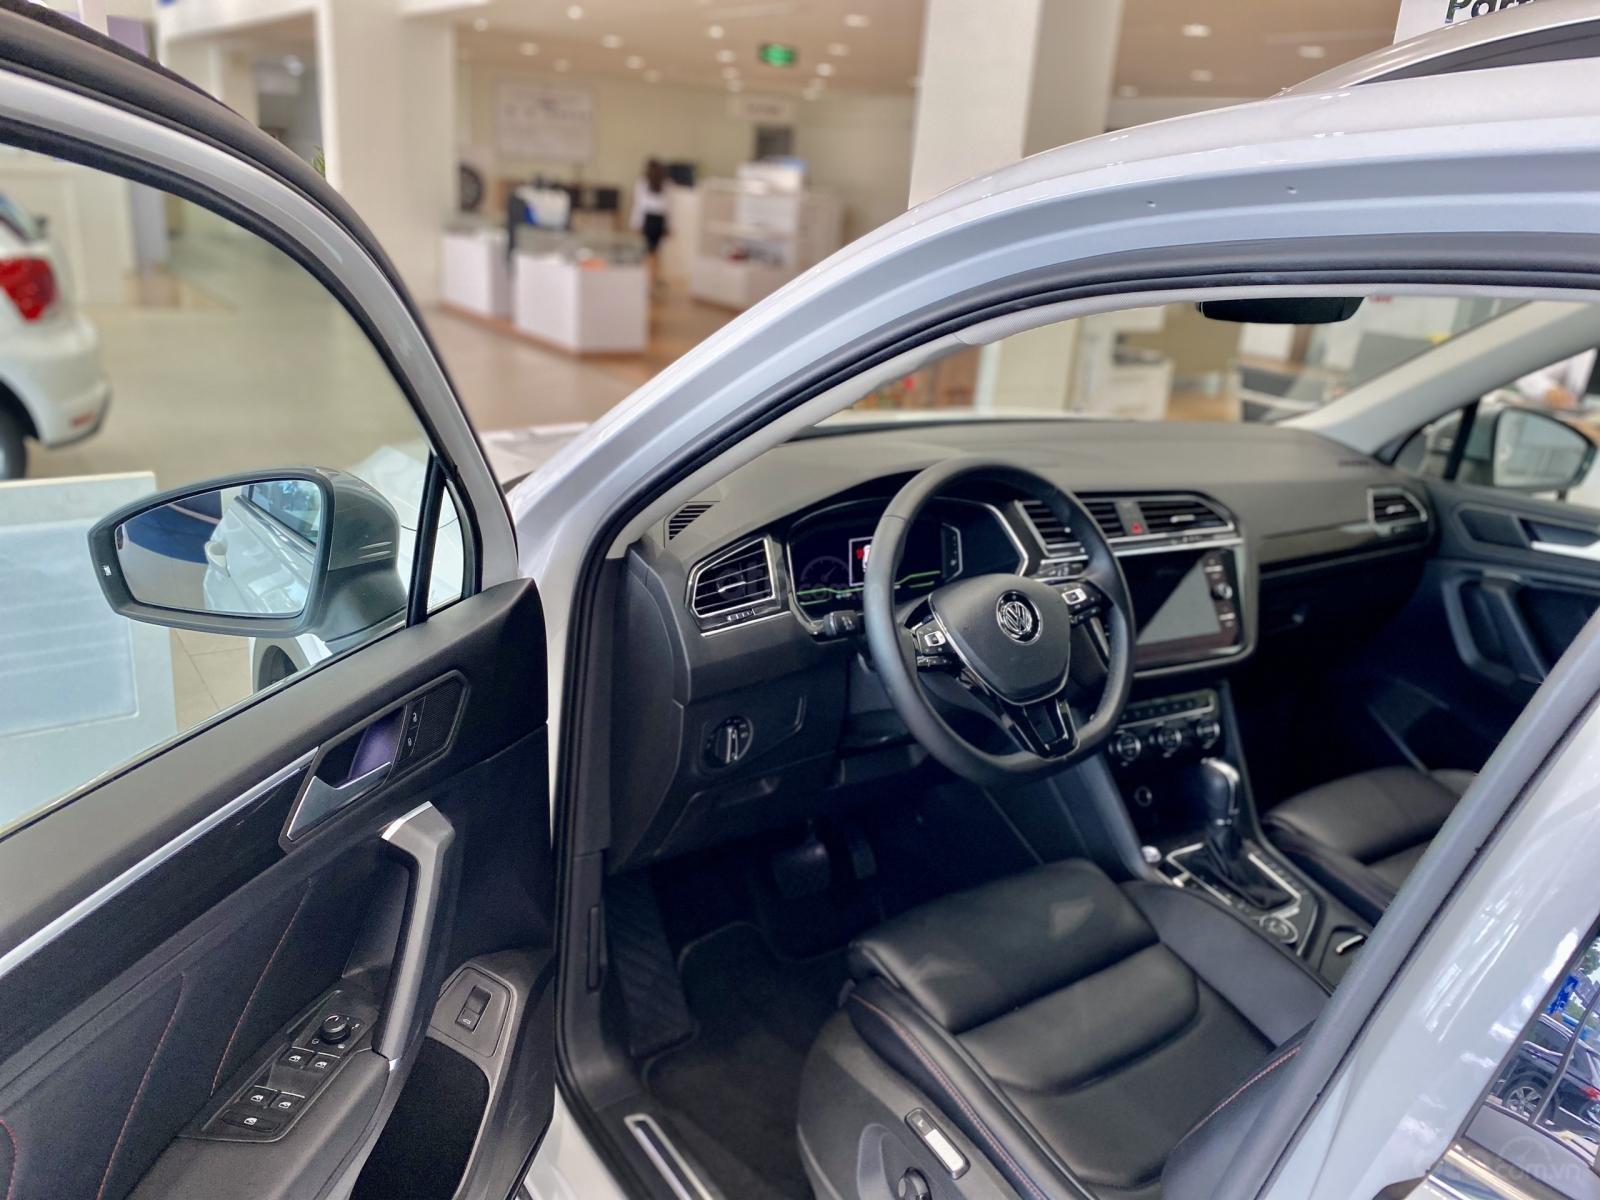 Volkswagen Sài Gòn Tiguan Luxury màu trắng - Giá tốt cho tháng ngâu - 6 màu giao ngay (trắng, đen, đỏ,.. ) - Hỗ trợ vay 80% (8)